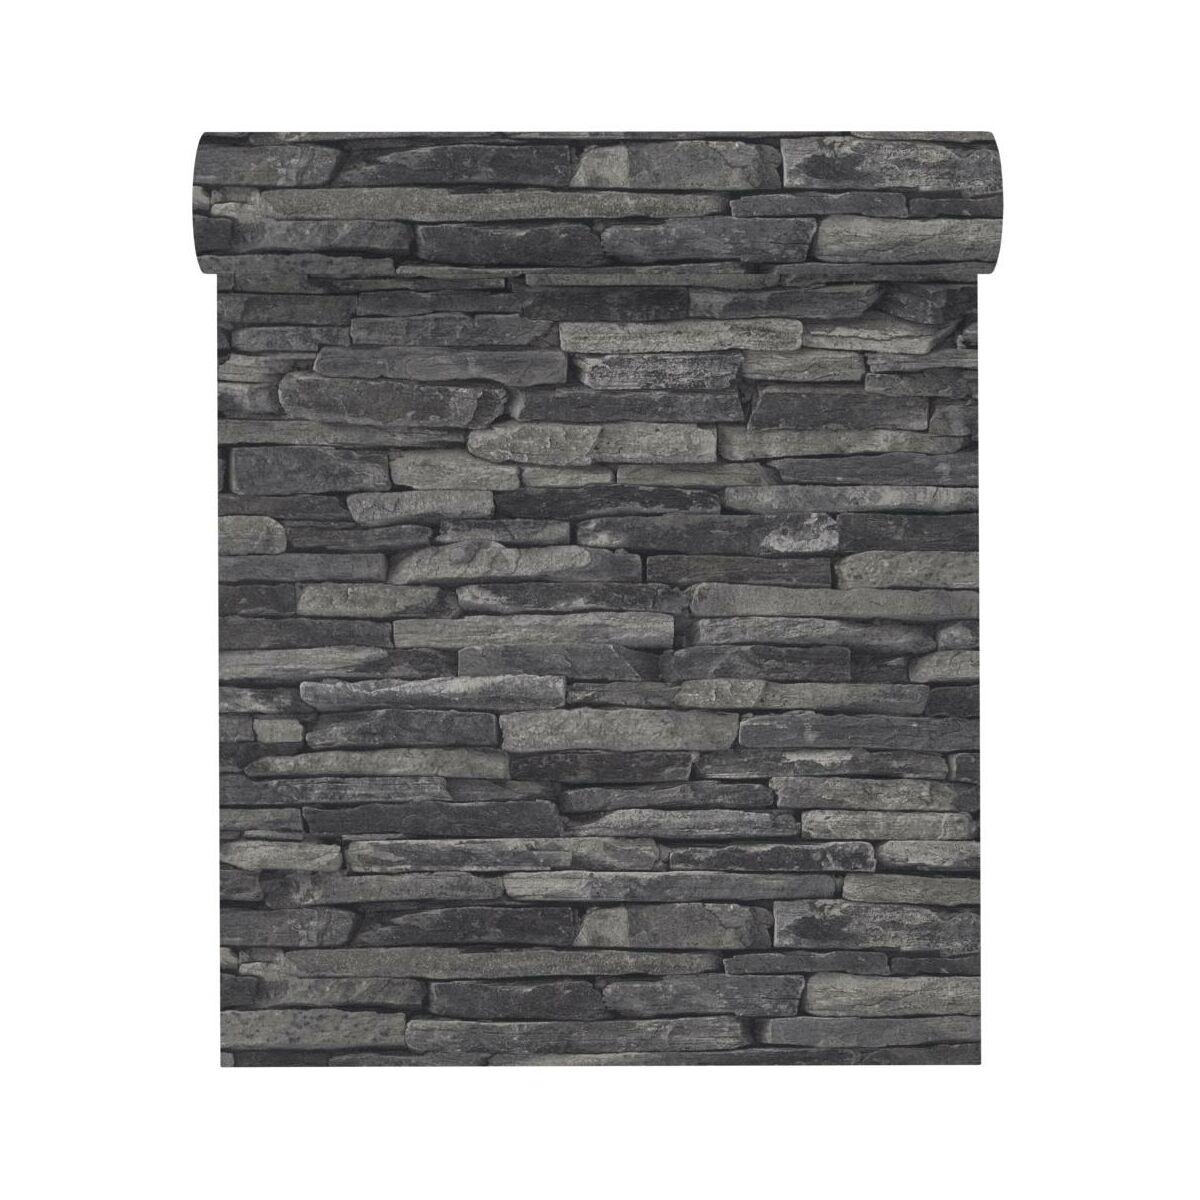 Tapeta 3d Wood Stone Czarna Imitacja Kamienia Winylowa Na Flizelinie Tapety W Atrakcyjnej Cenie W Sklepach Leroy Merlin